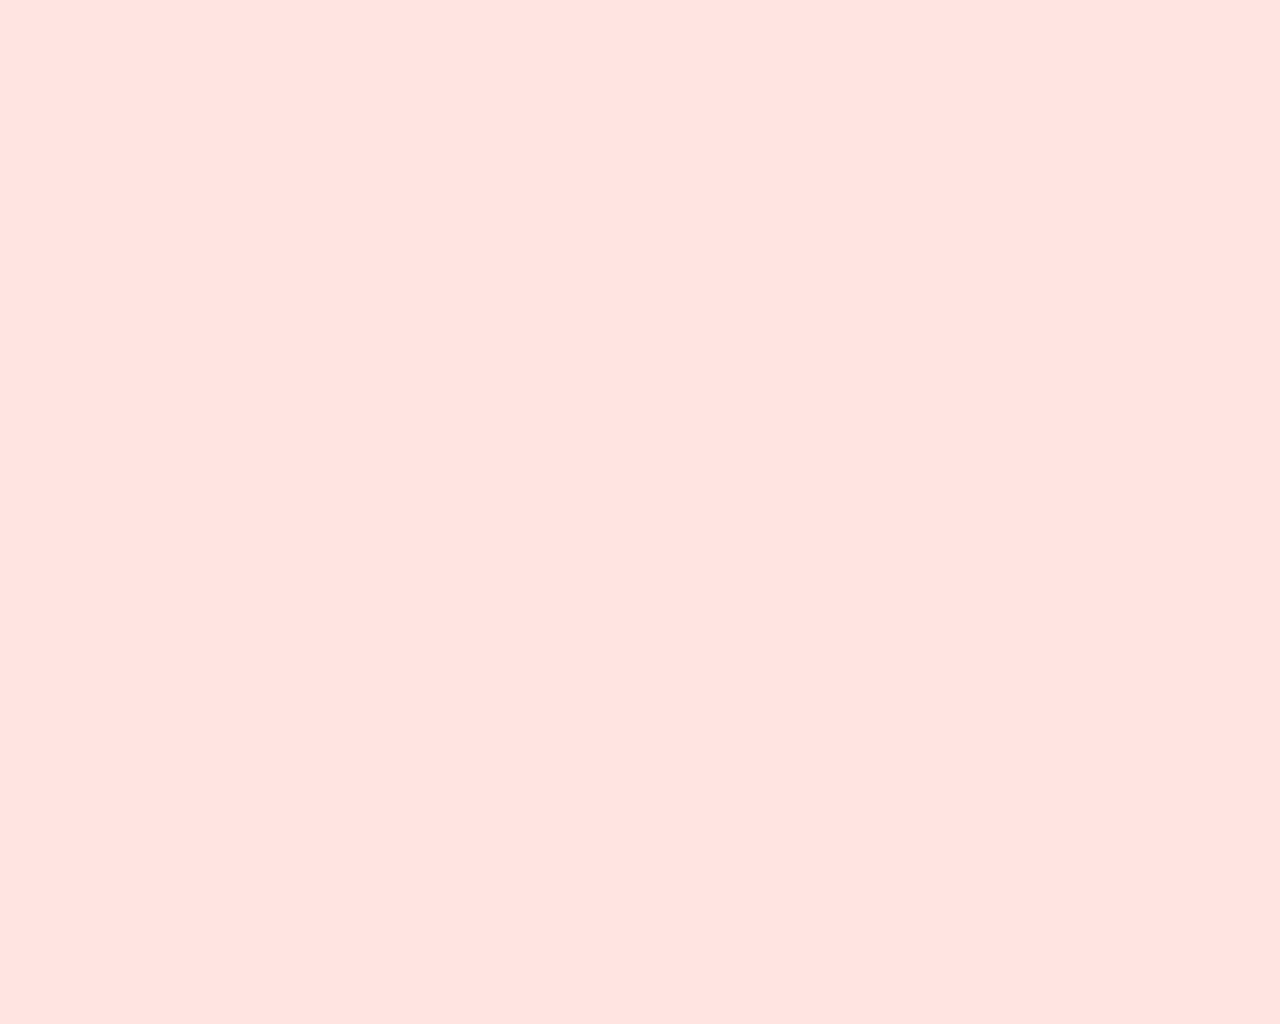 1280x1024 Misty Rose Solid Color Background